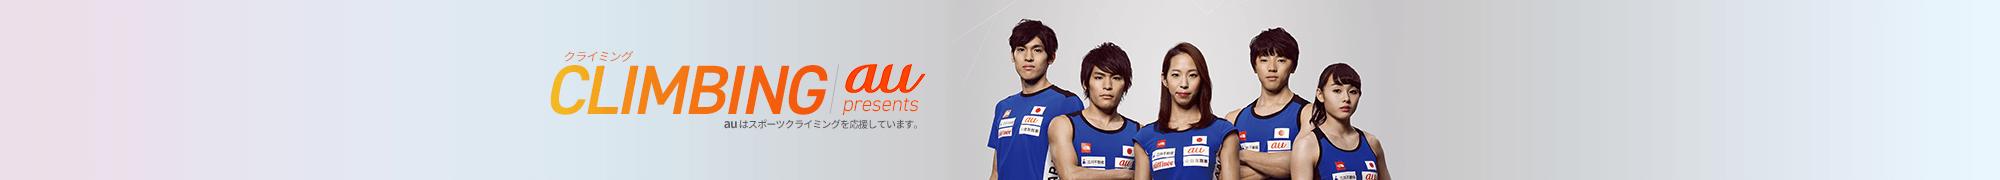 IFSC クライミング・アジアユース選手権 シンガポール大会2017が明日、開幕する。大会は7月5~9日までの5日間で、カテゴリーはユース、ジュニアA・Bの3つ。今大会の注目は、3…